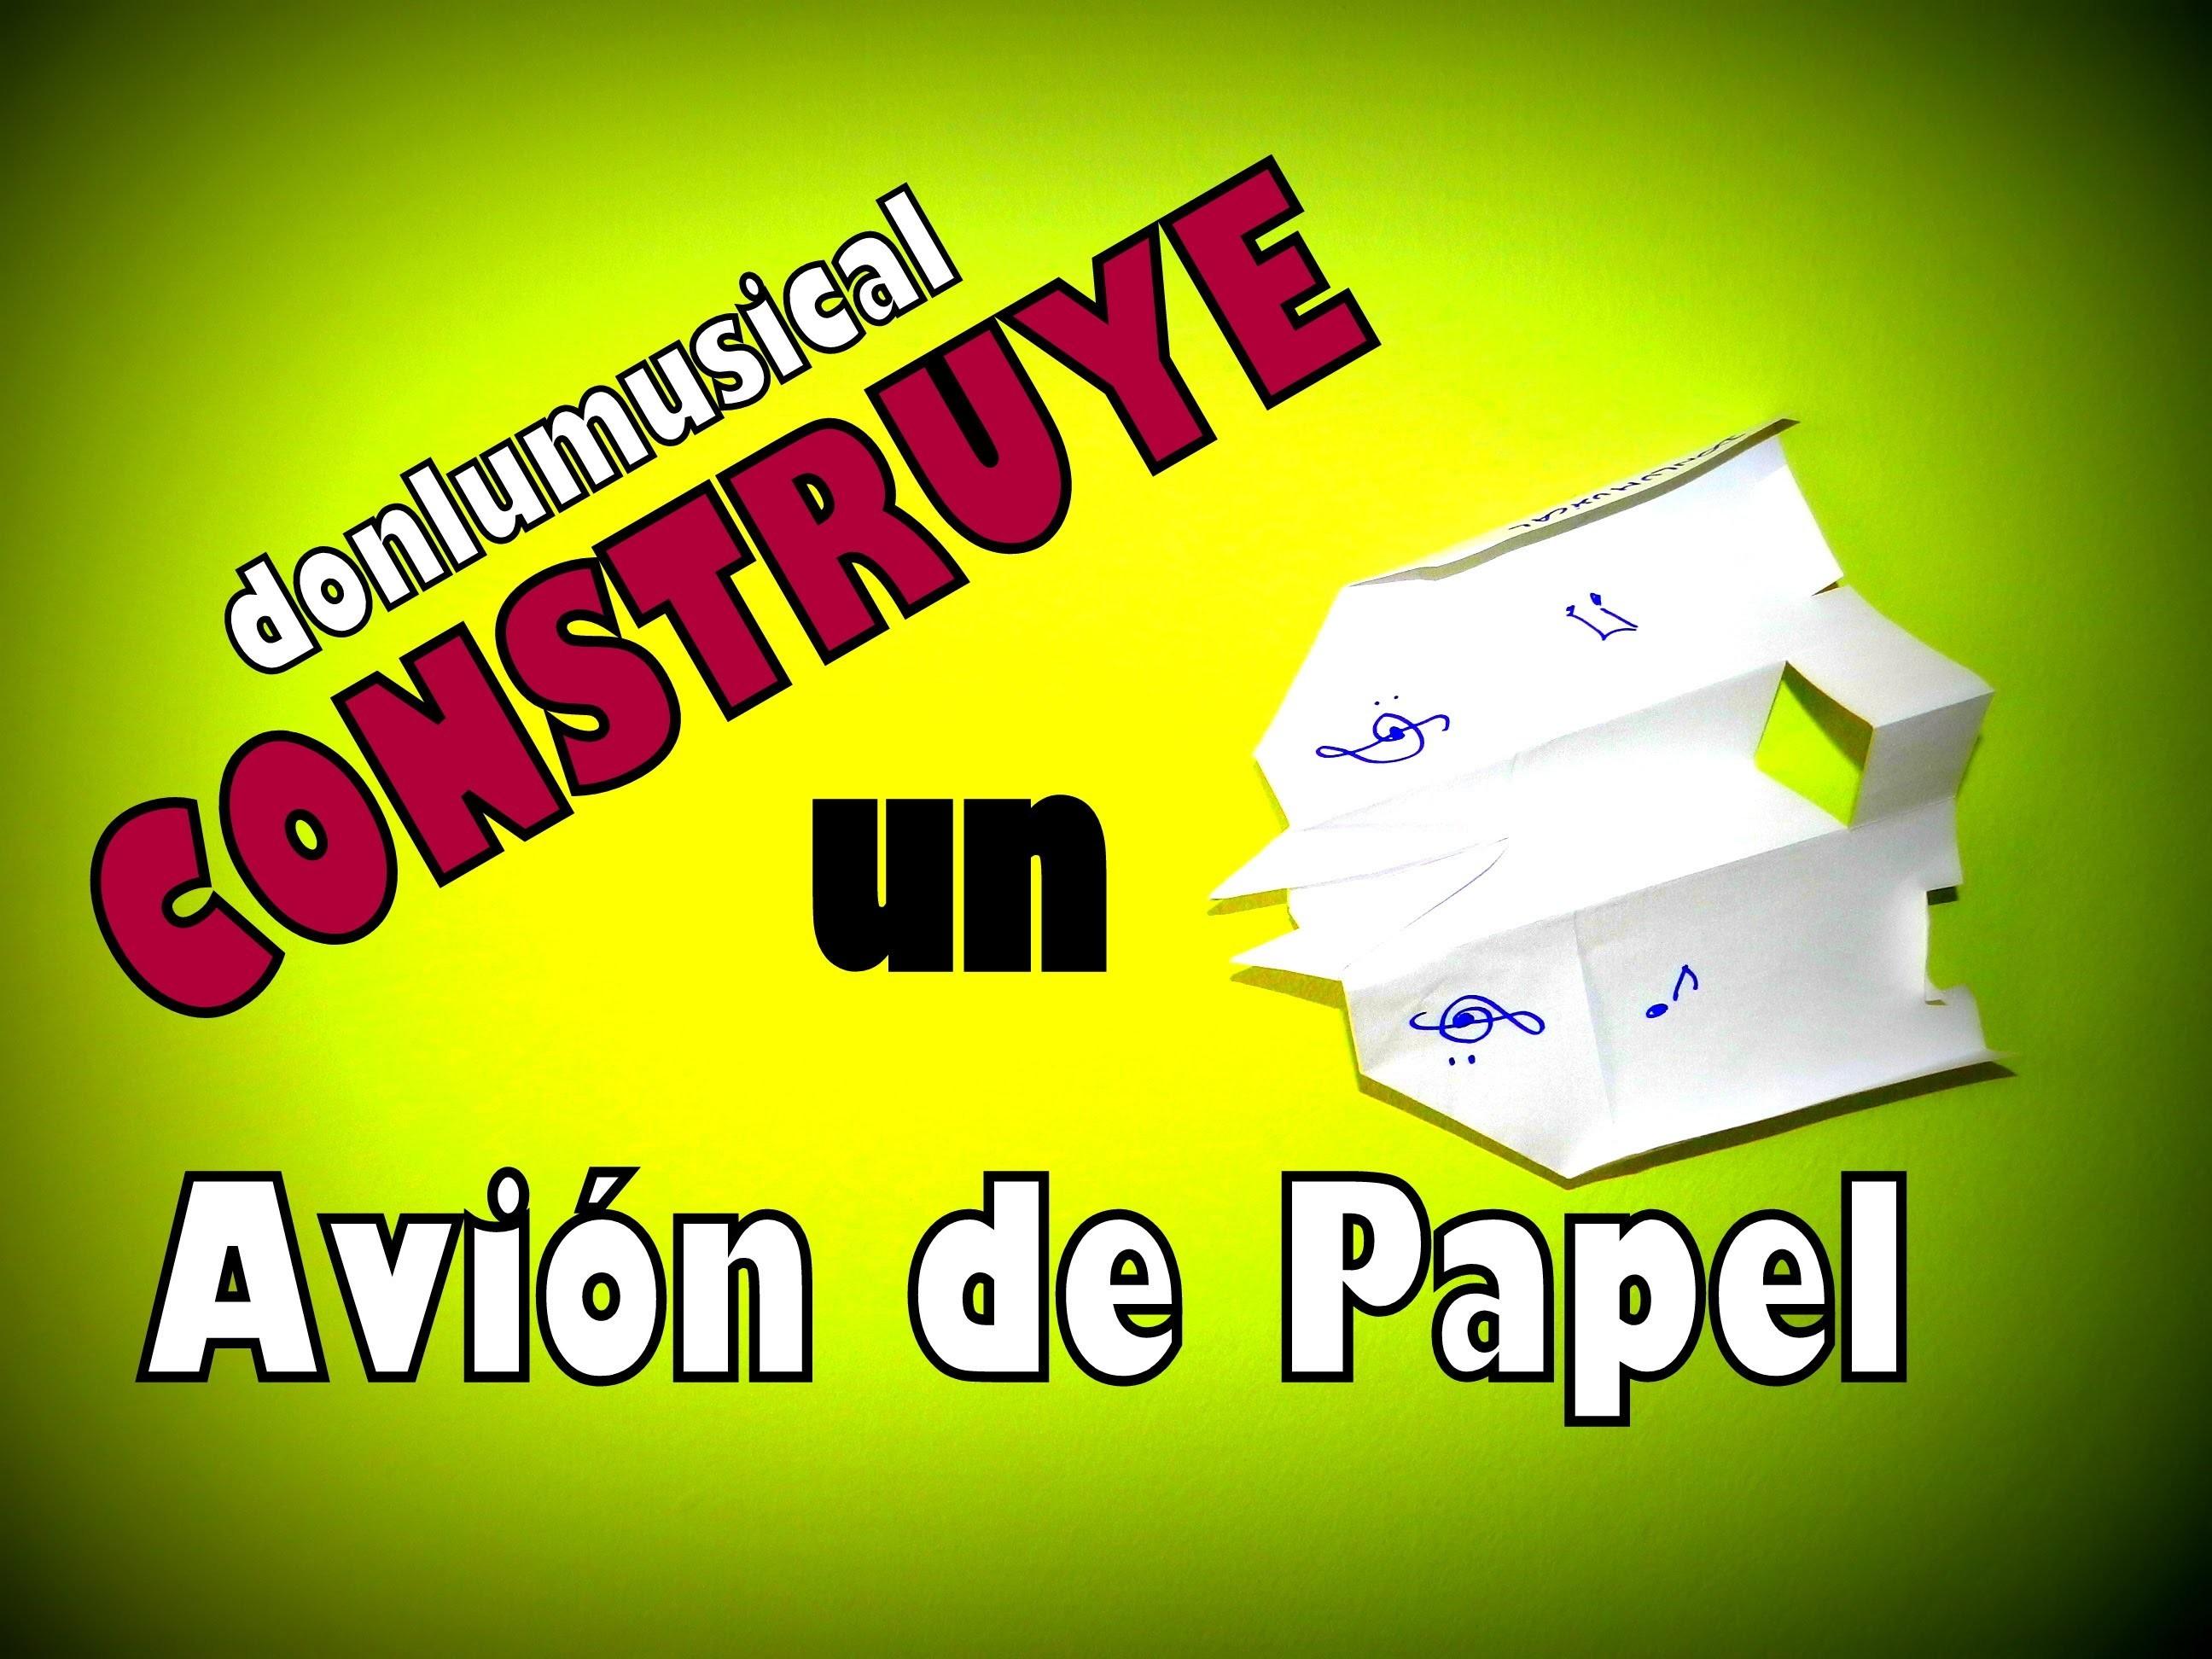 CÓMO HACER UN AVION DE PAPEL How to make a paper plane